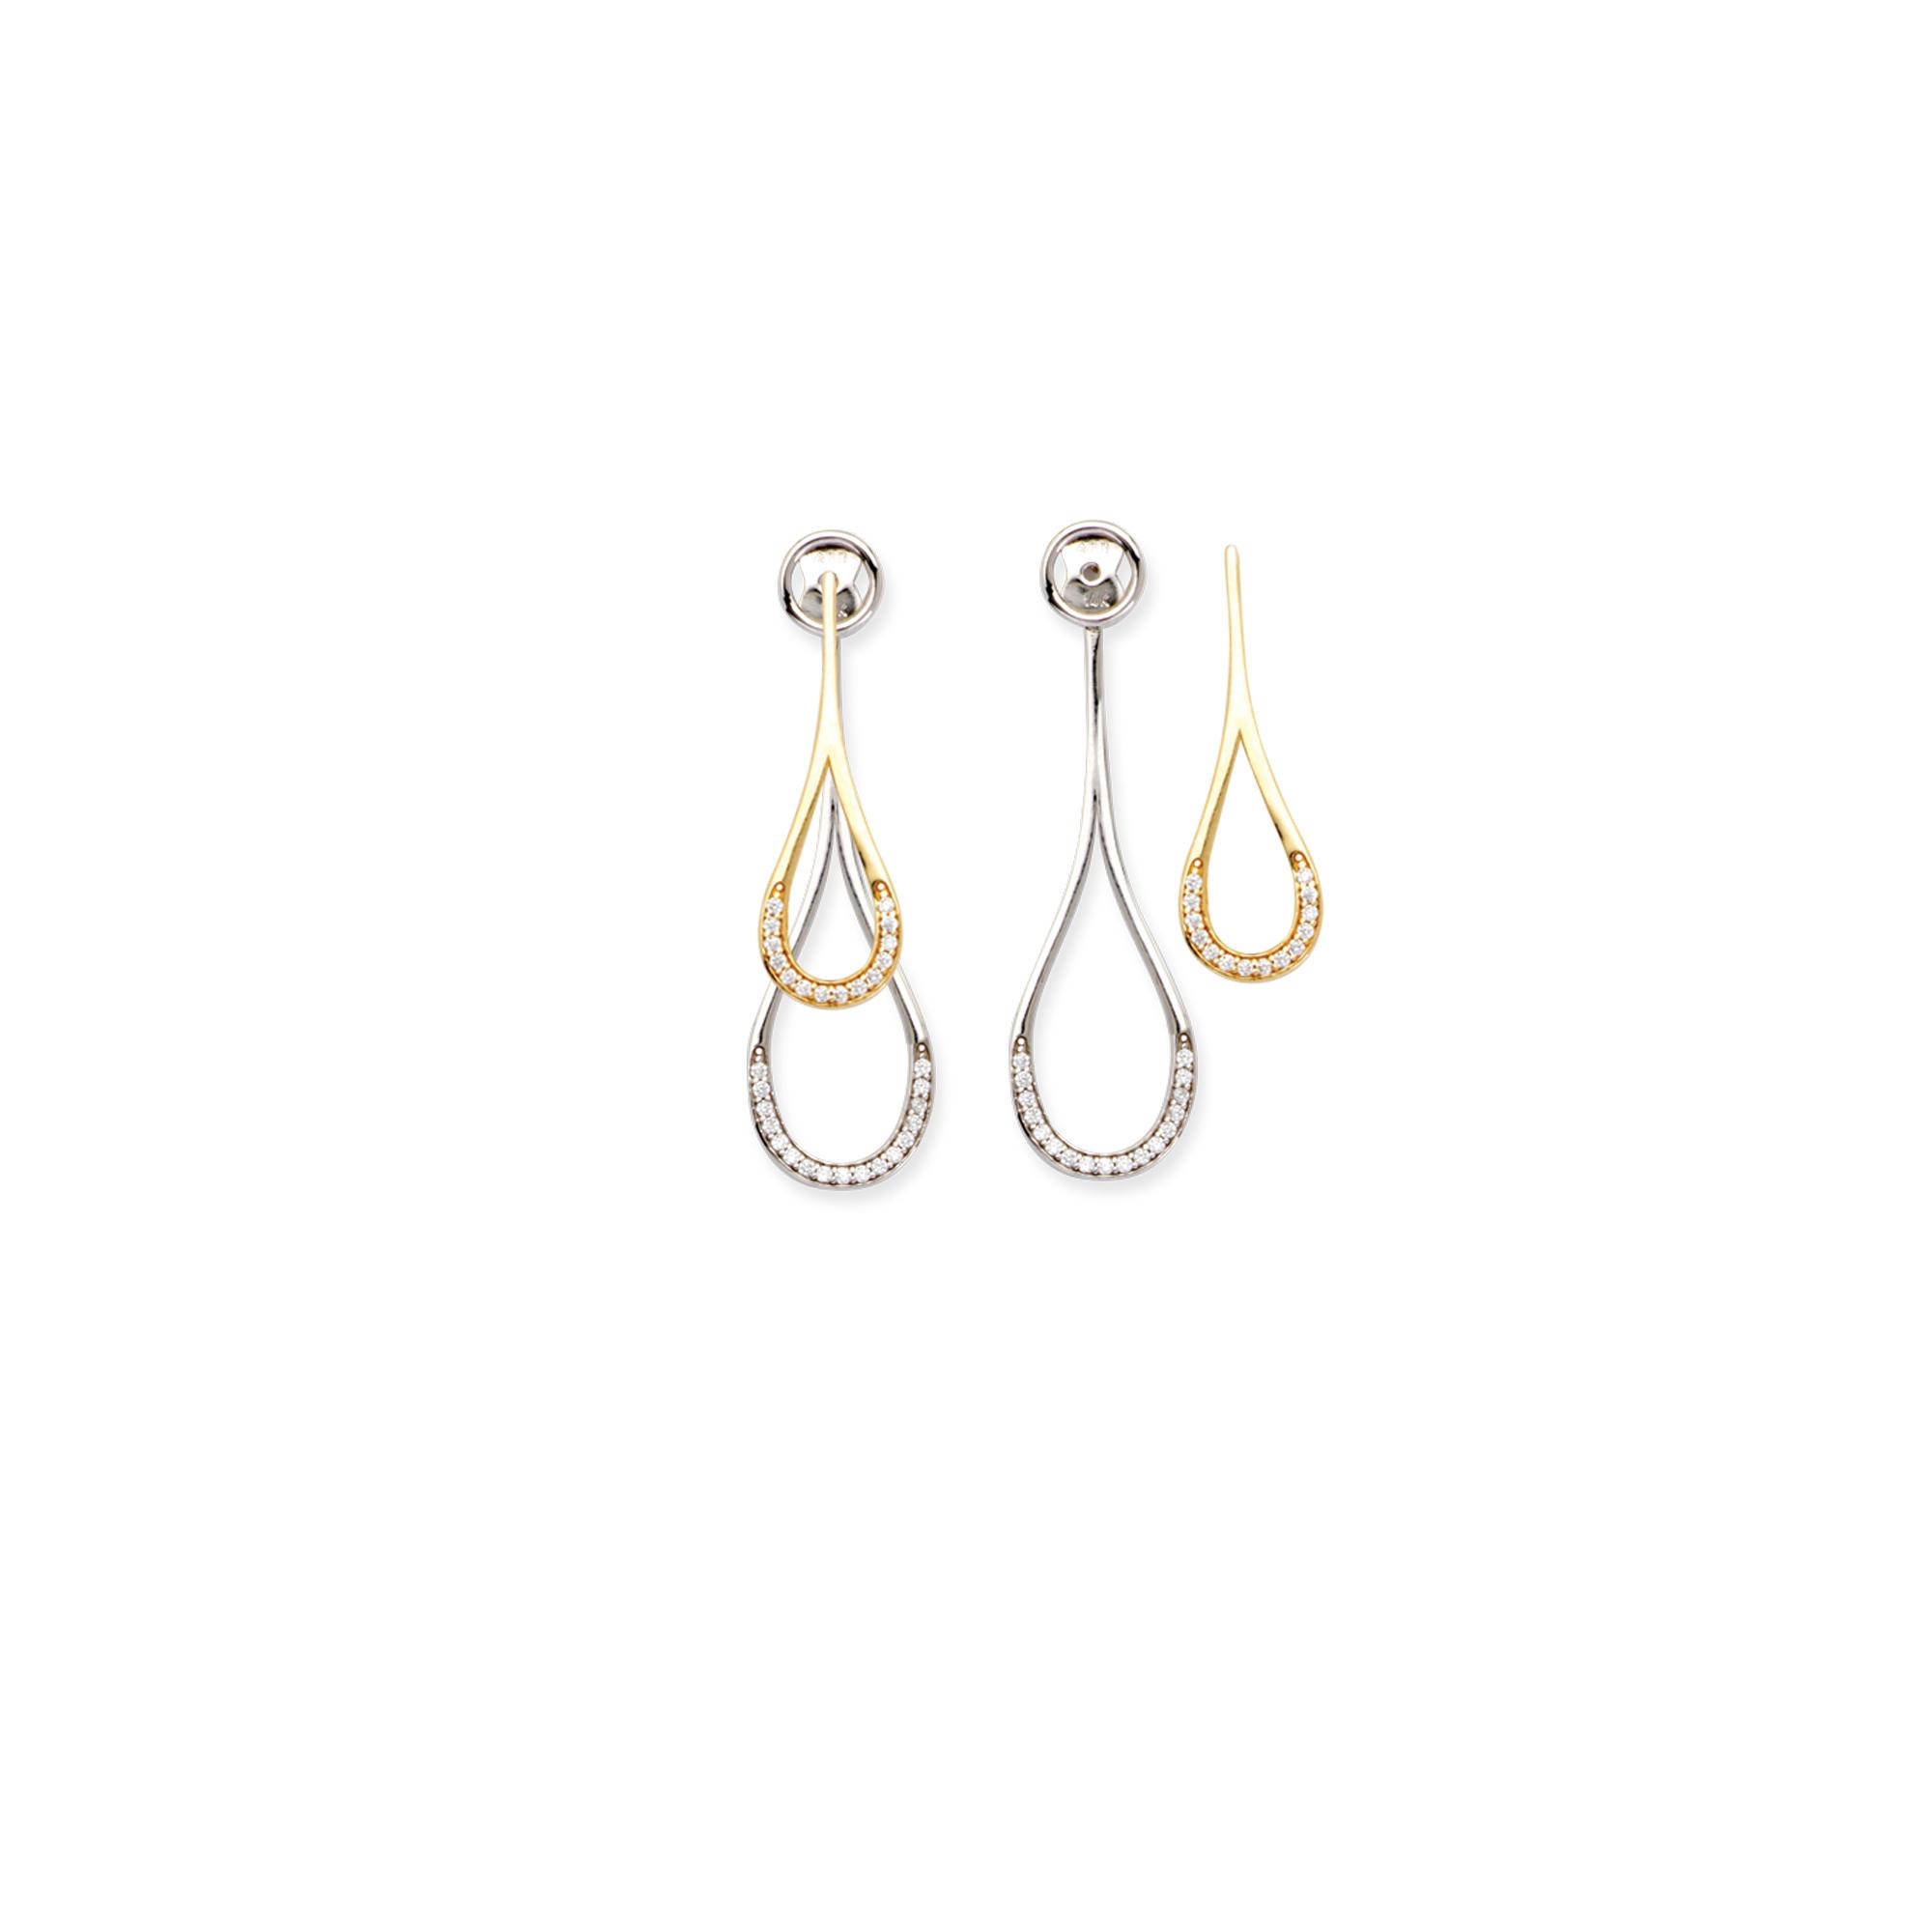 Teardrop Earrings 14kt Gold Earring